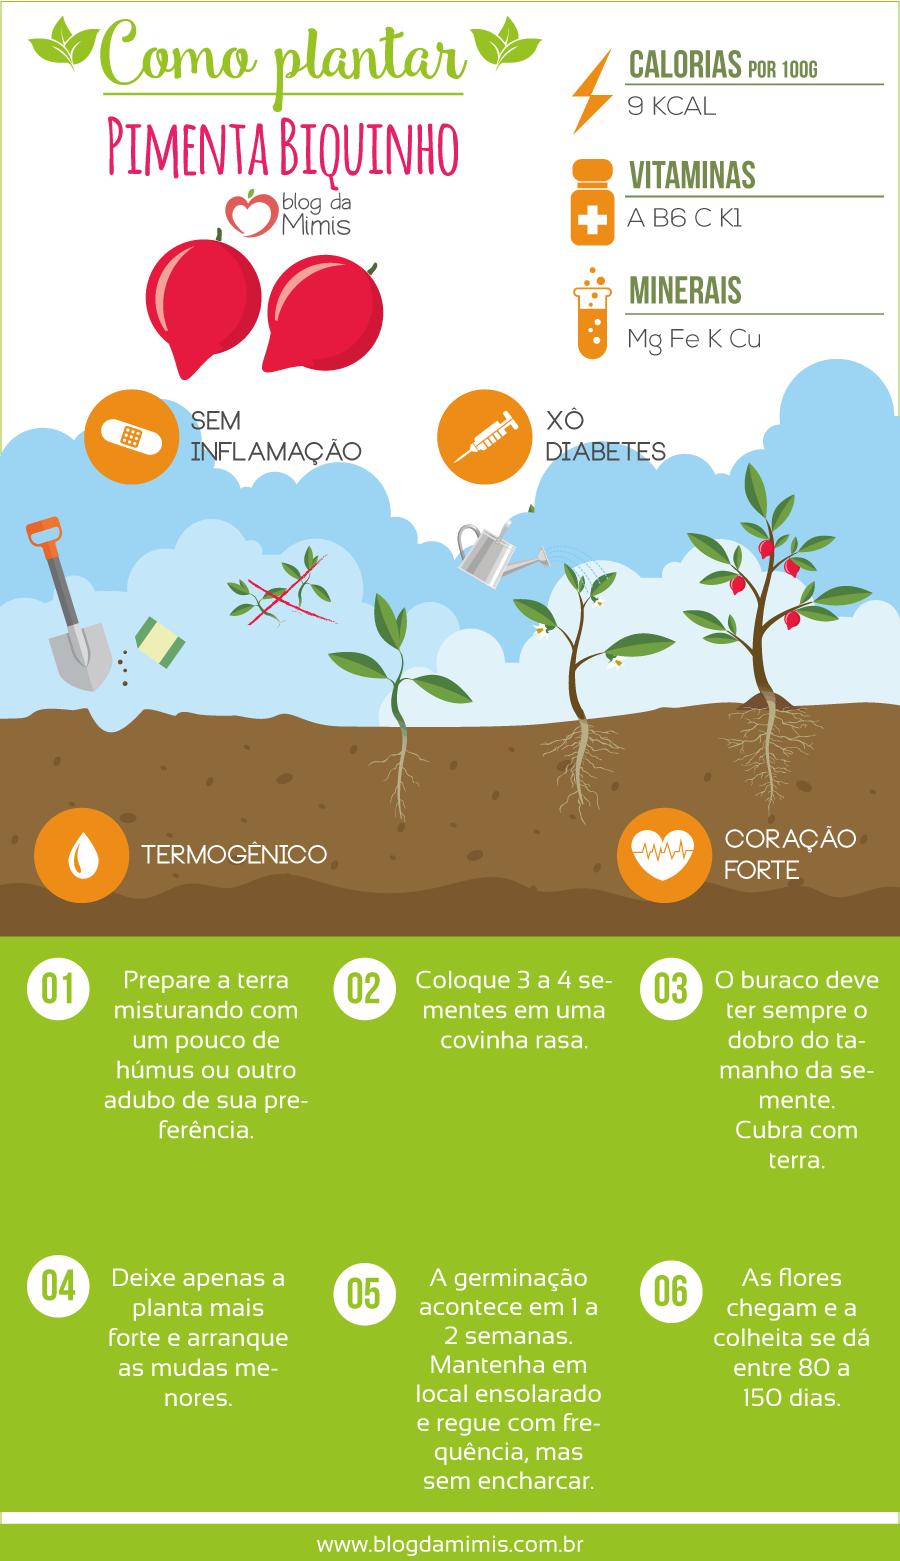 pimenta-biquinho-blog-da-mimis-michelle-franzoni-post-2